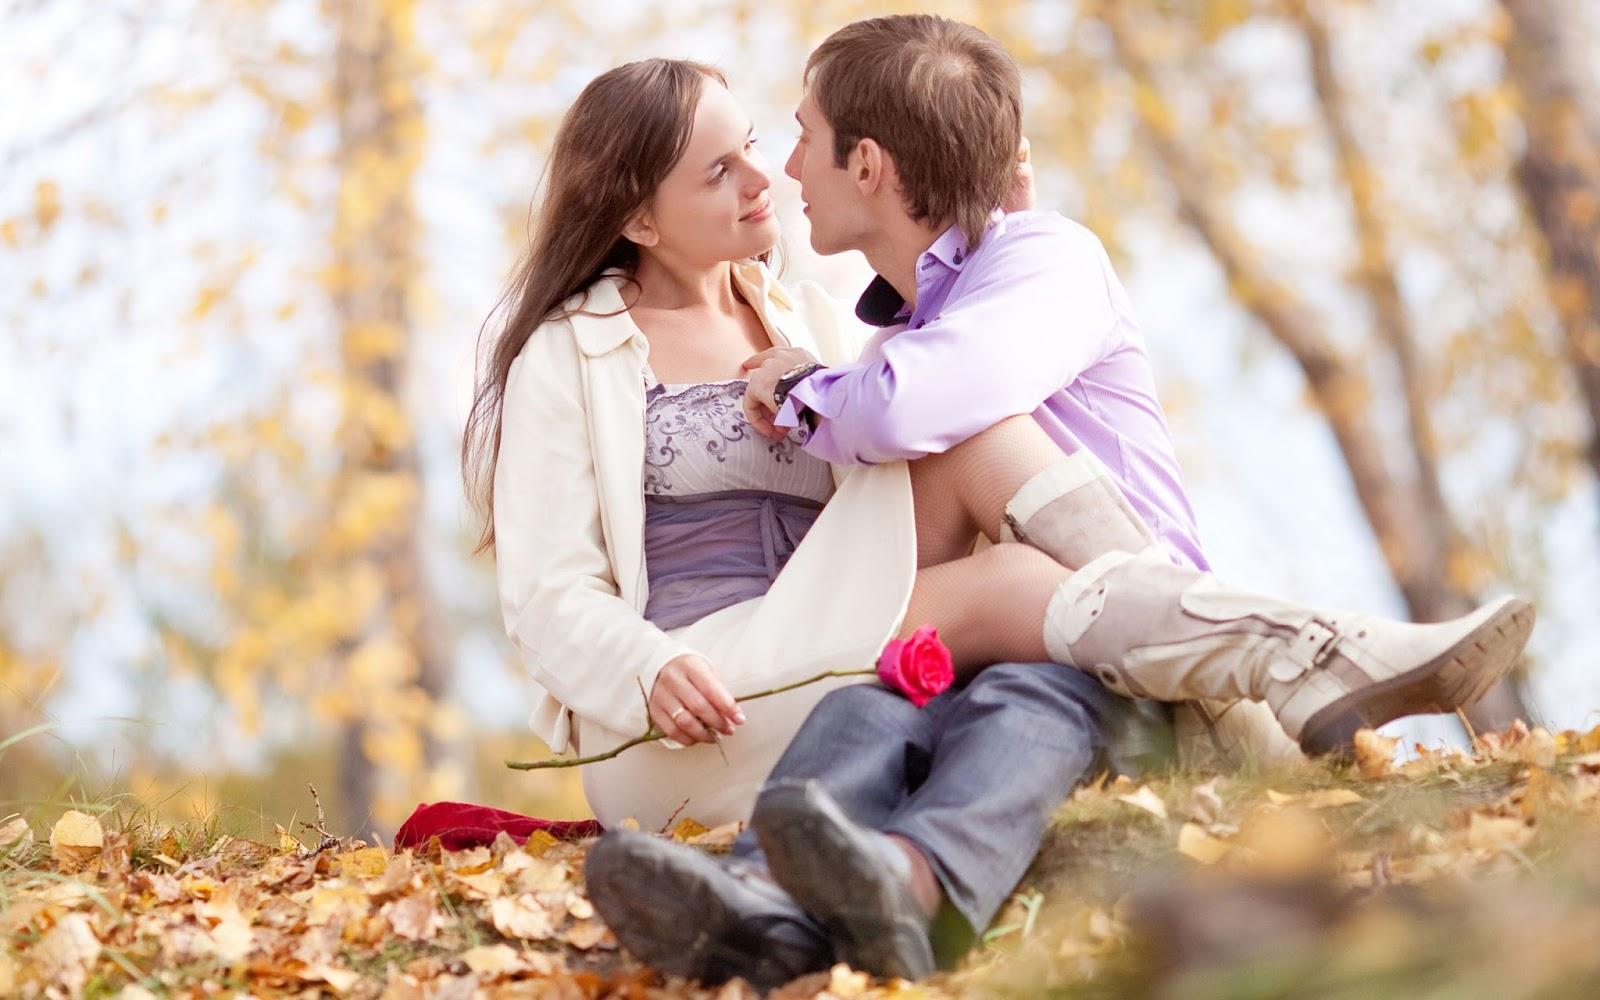 بالصور صور معبرة عن الشوق في الحب , خلفيات رومانسية للعشاق 4468 6